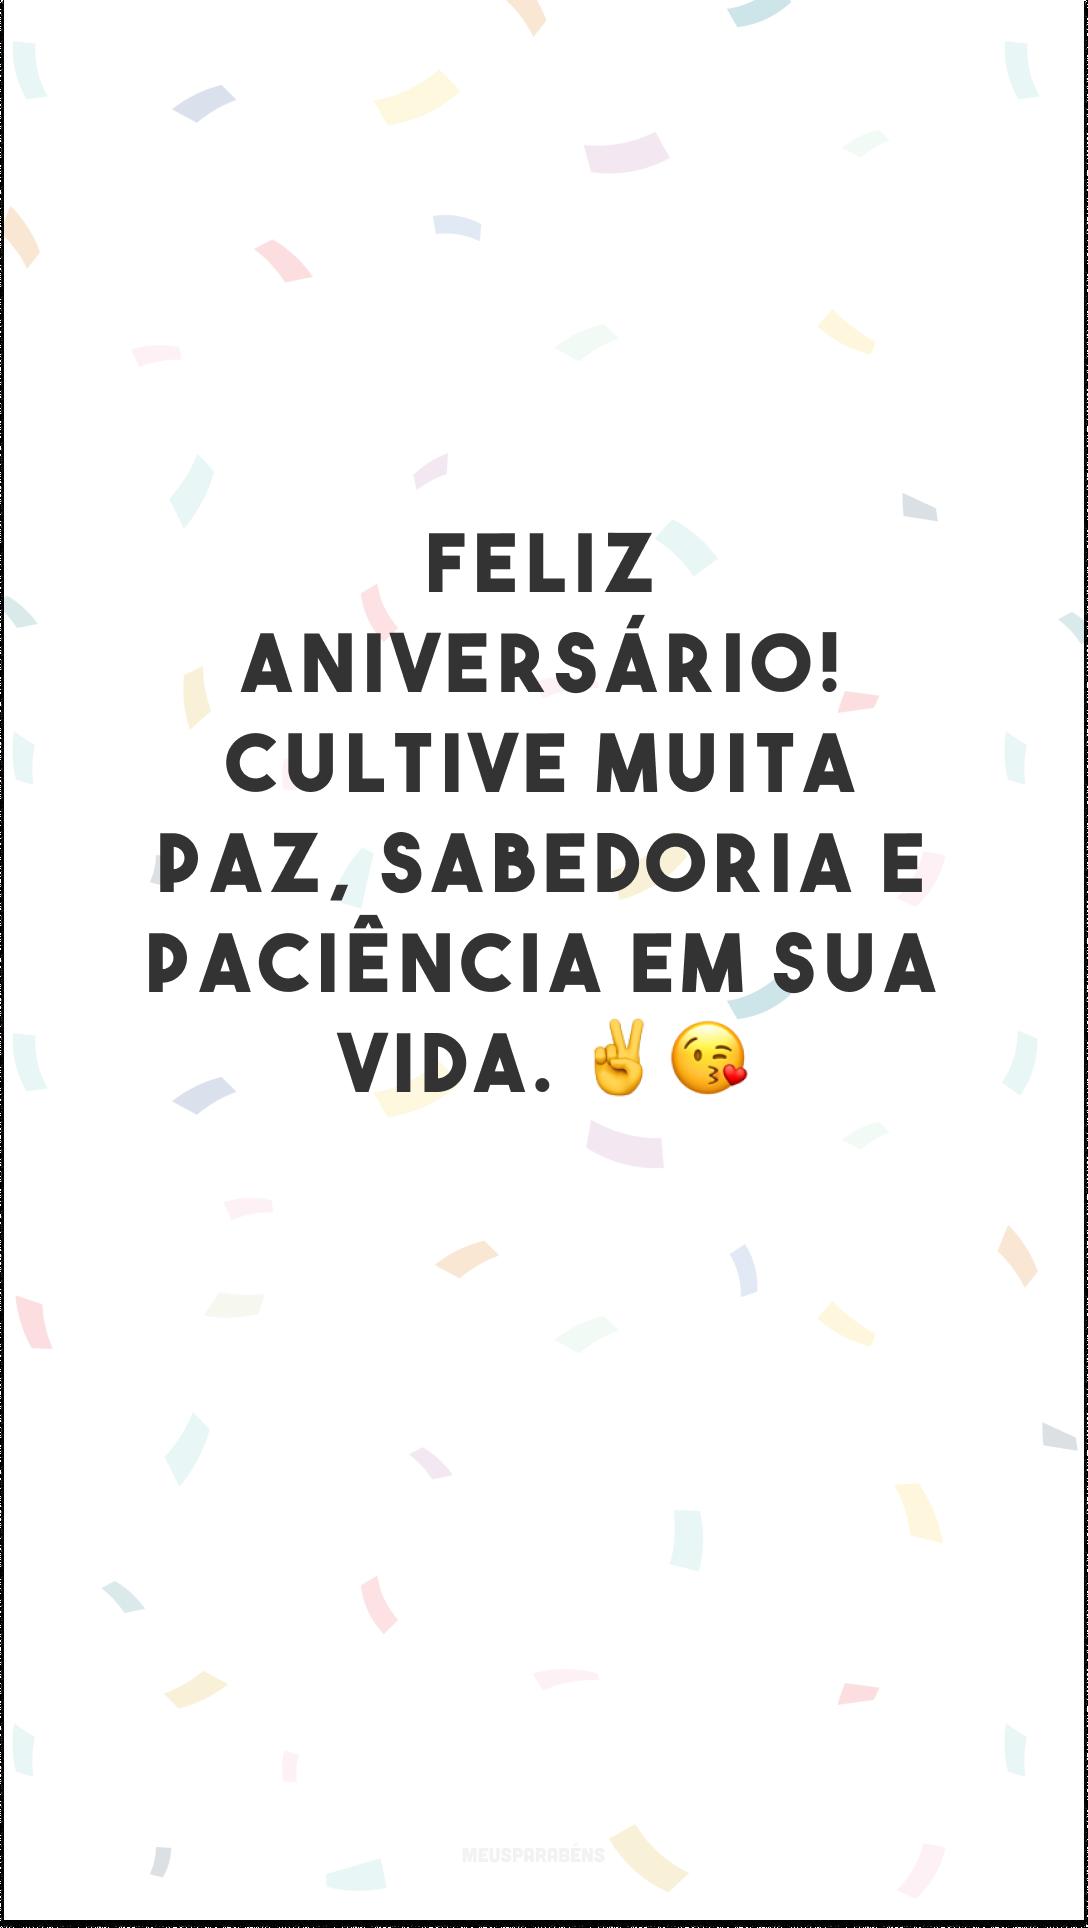 Feliz aniversário! Cultive muita paz, sabedoria e paciência em sua vida. ✌😘